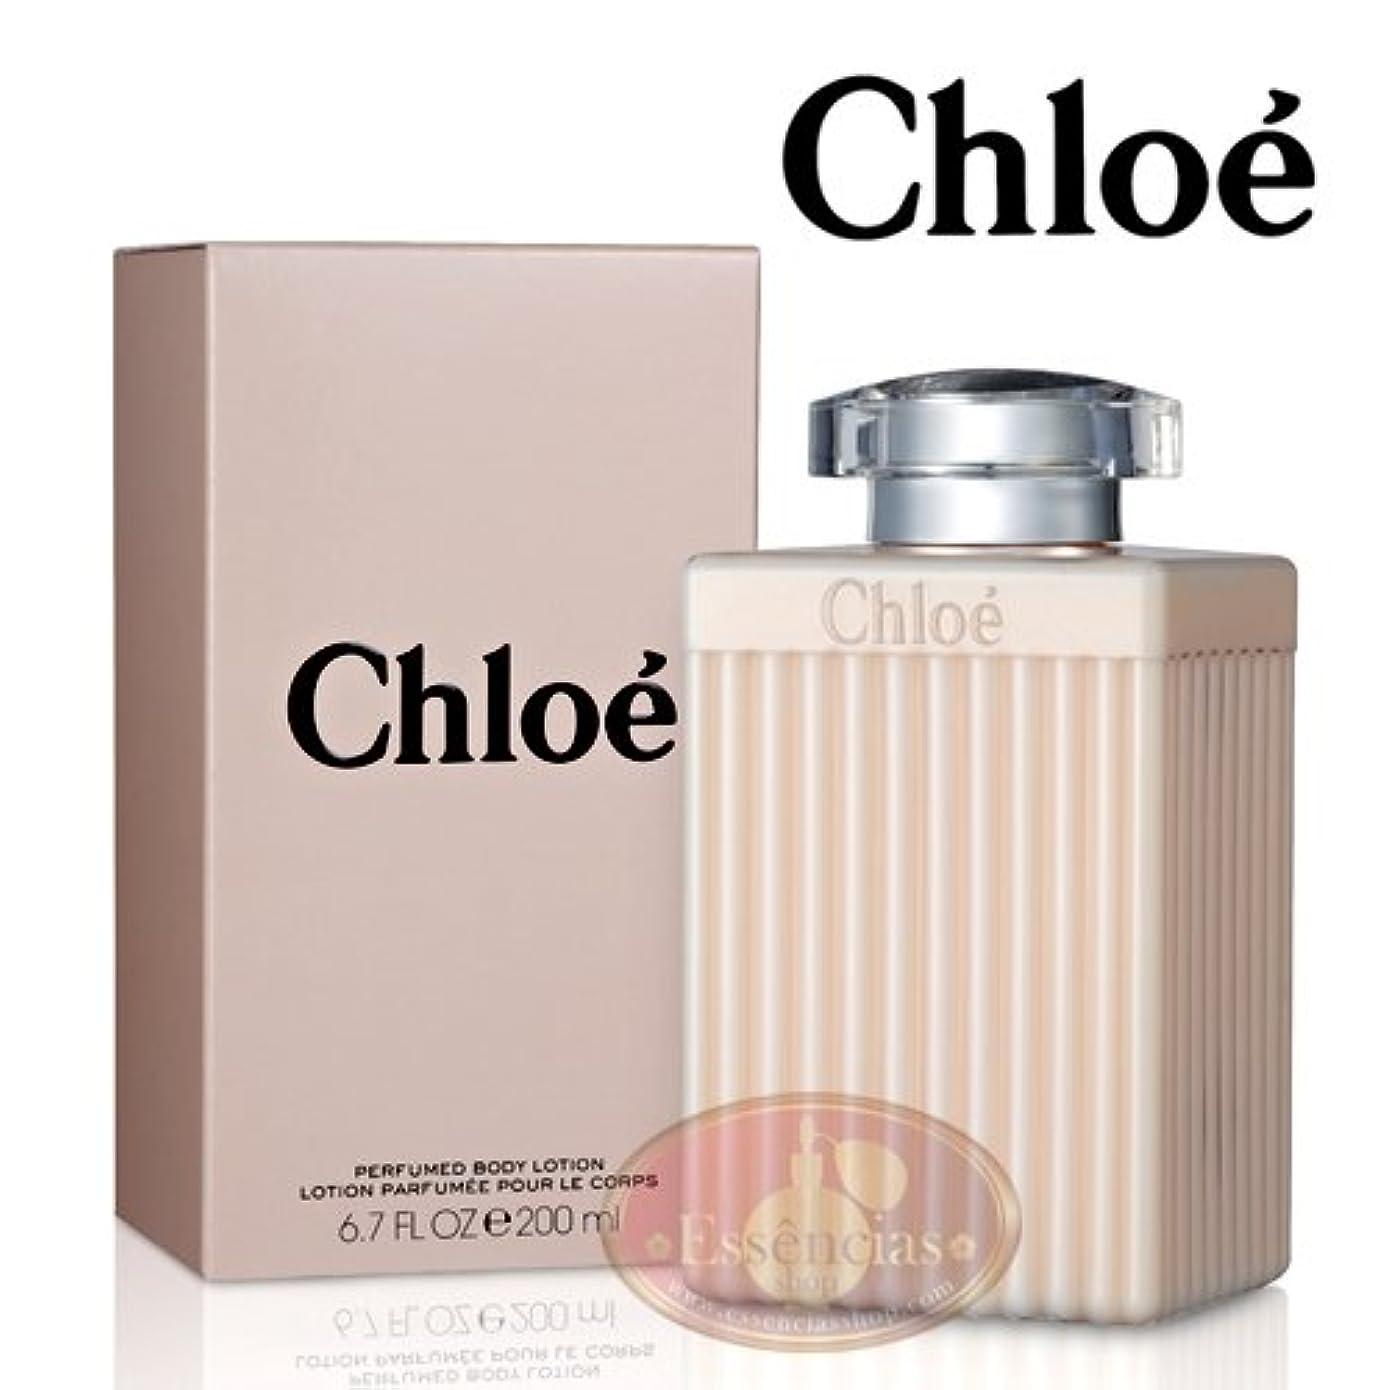 船乗り咽頭定期的なクロエ(Chloe) パフュームド ボディローション 200ml [並行輸入品]